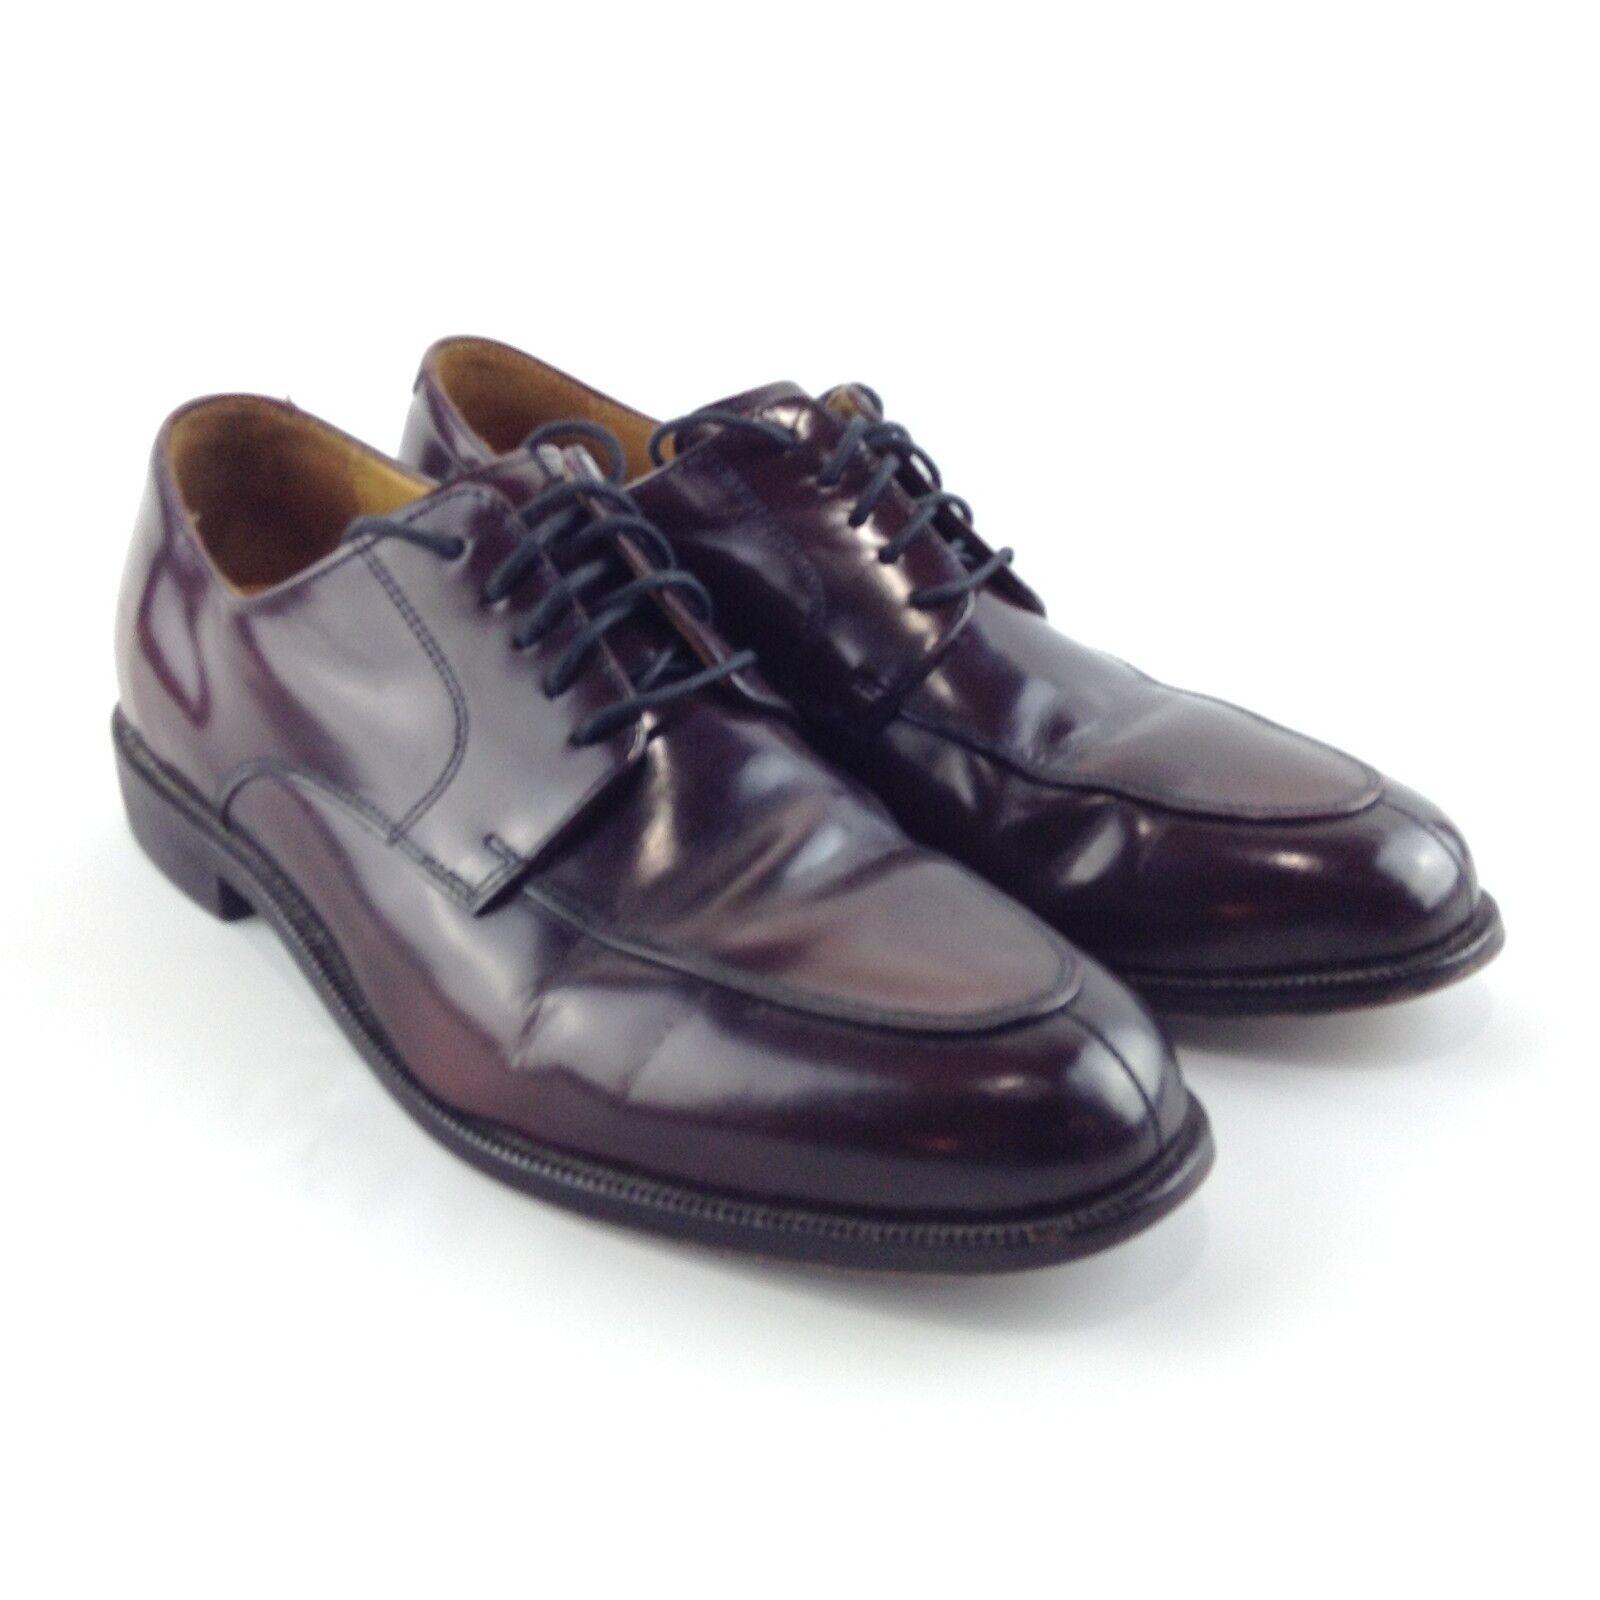 COLE HAAN AIR Men's Dark Burgundy Oxfords Dress shoes Carter Split Size 10M, EUC